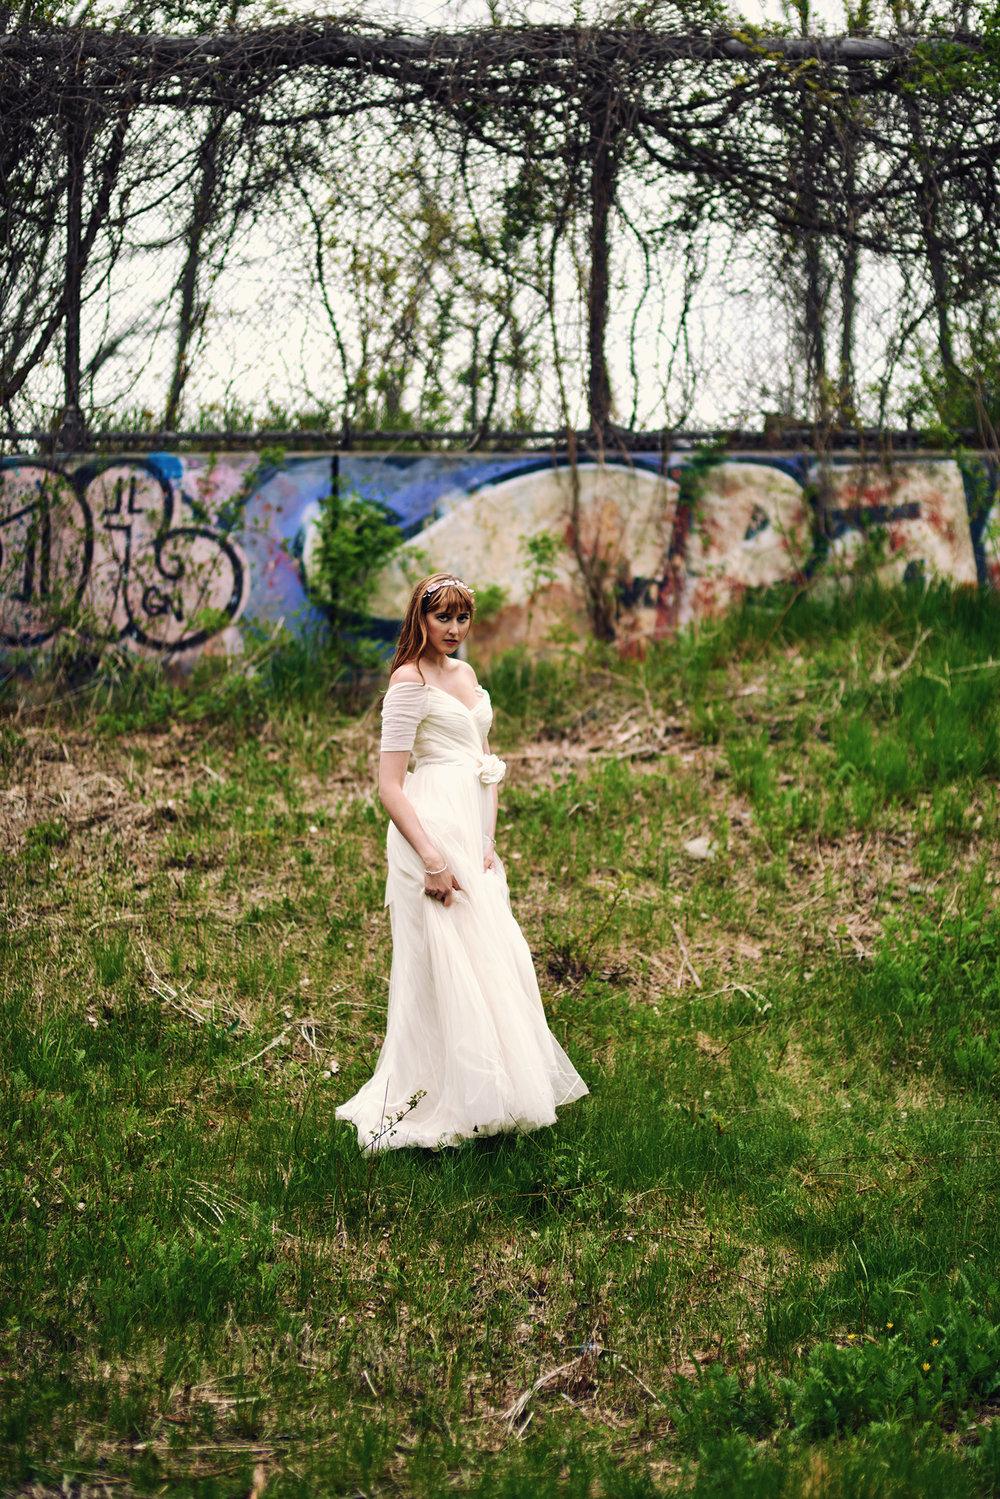 bride-near-graffiti-wall.jpg